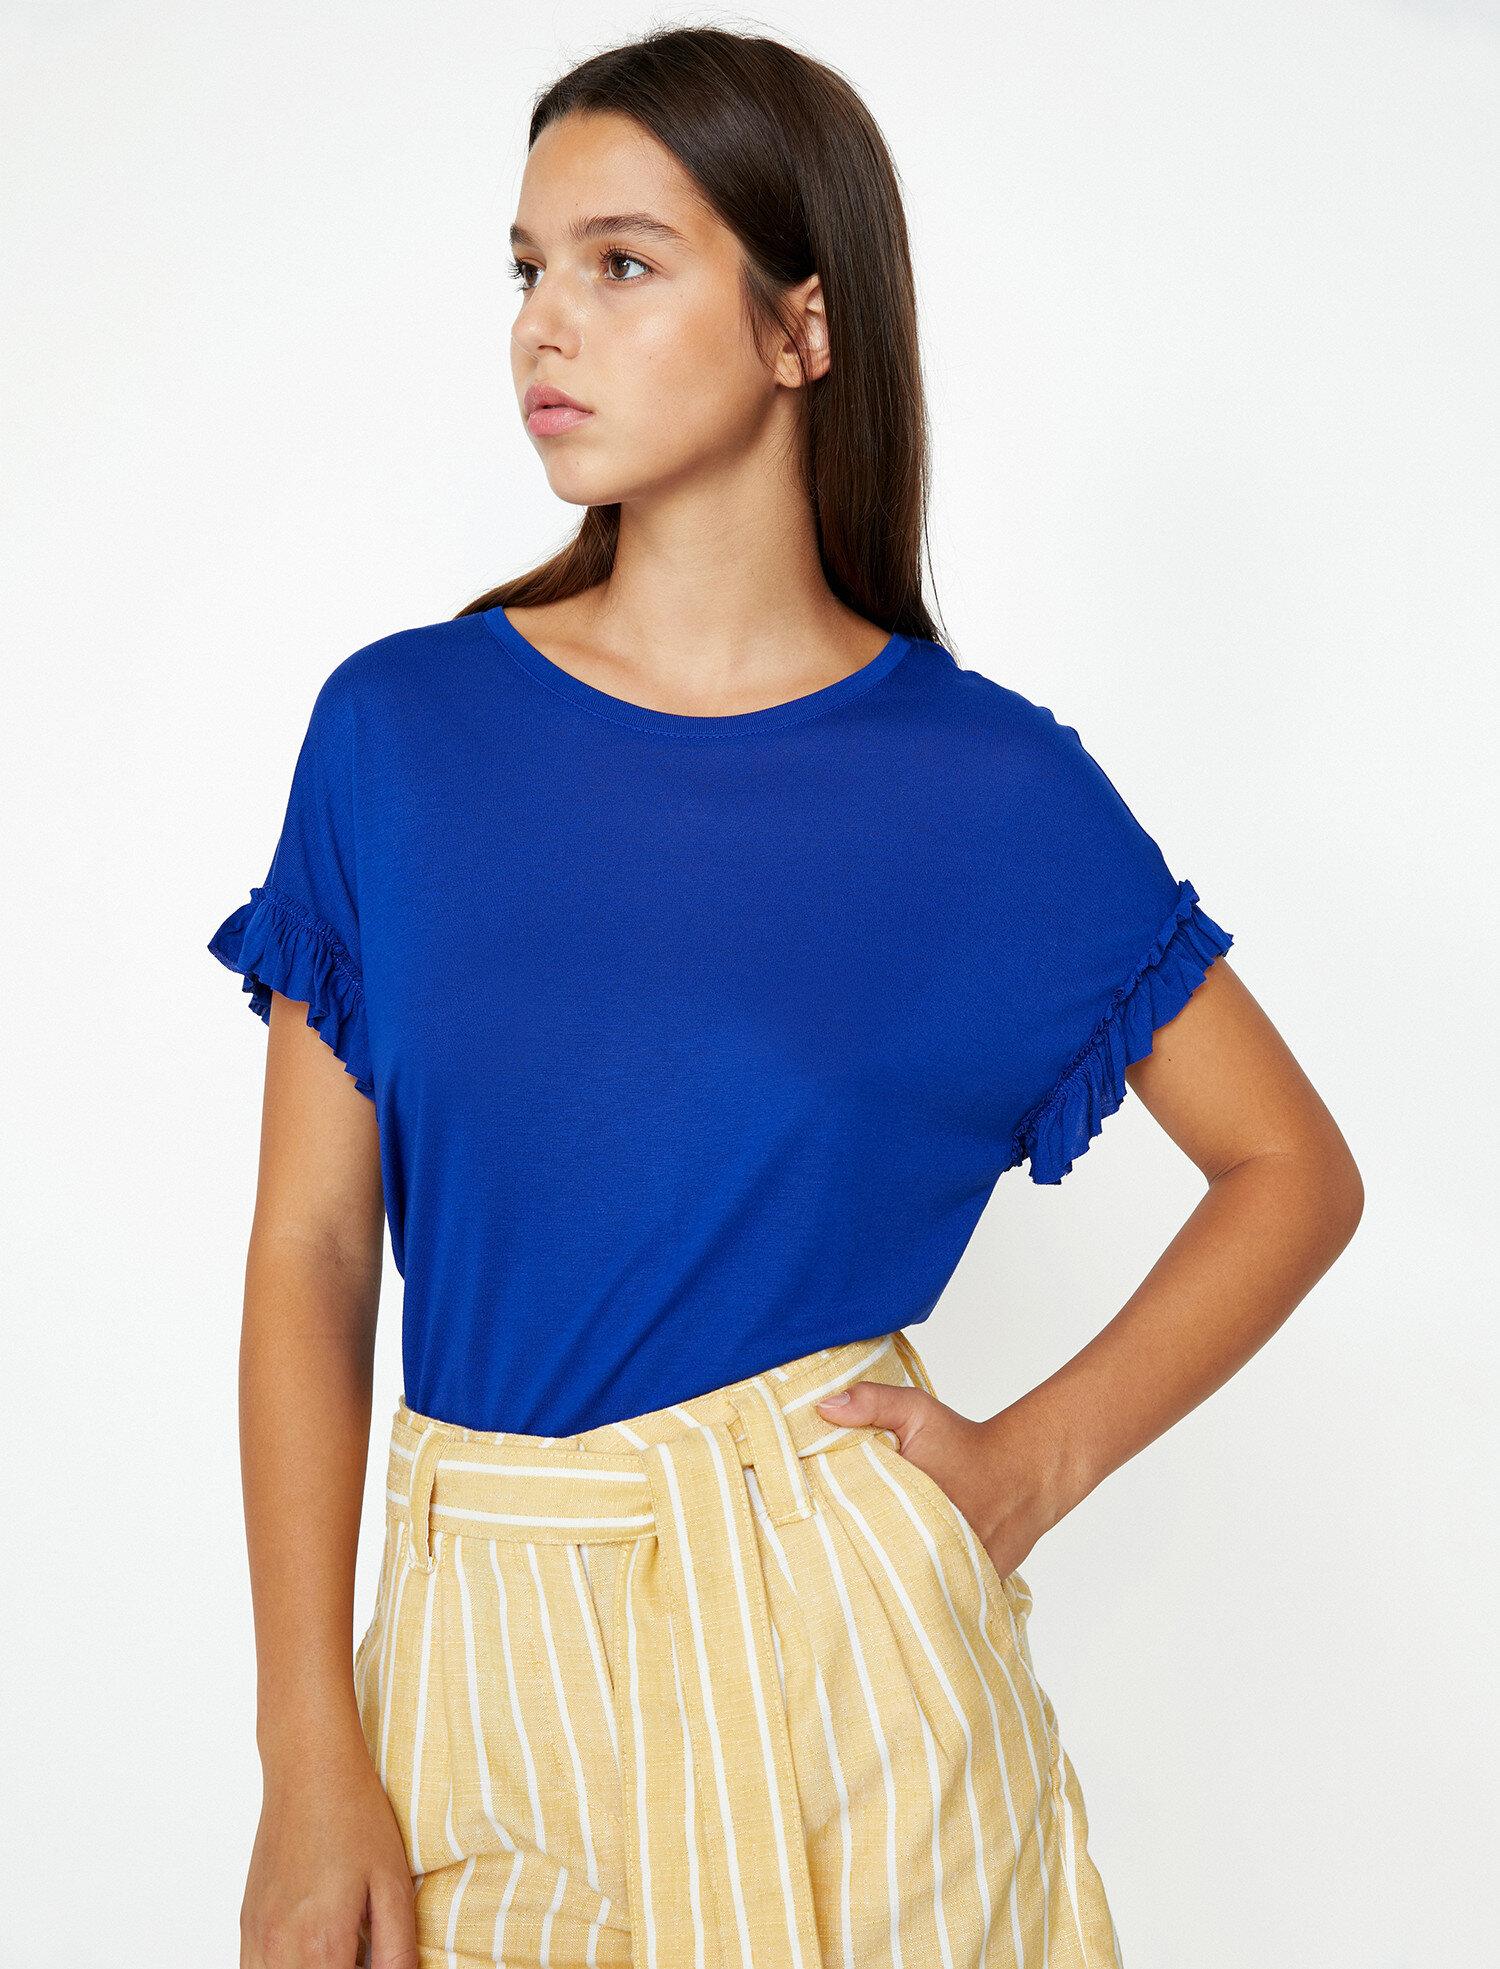 Koton Kadın Firfir Detayli T-Shirt Mavi Ürün Resmi